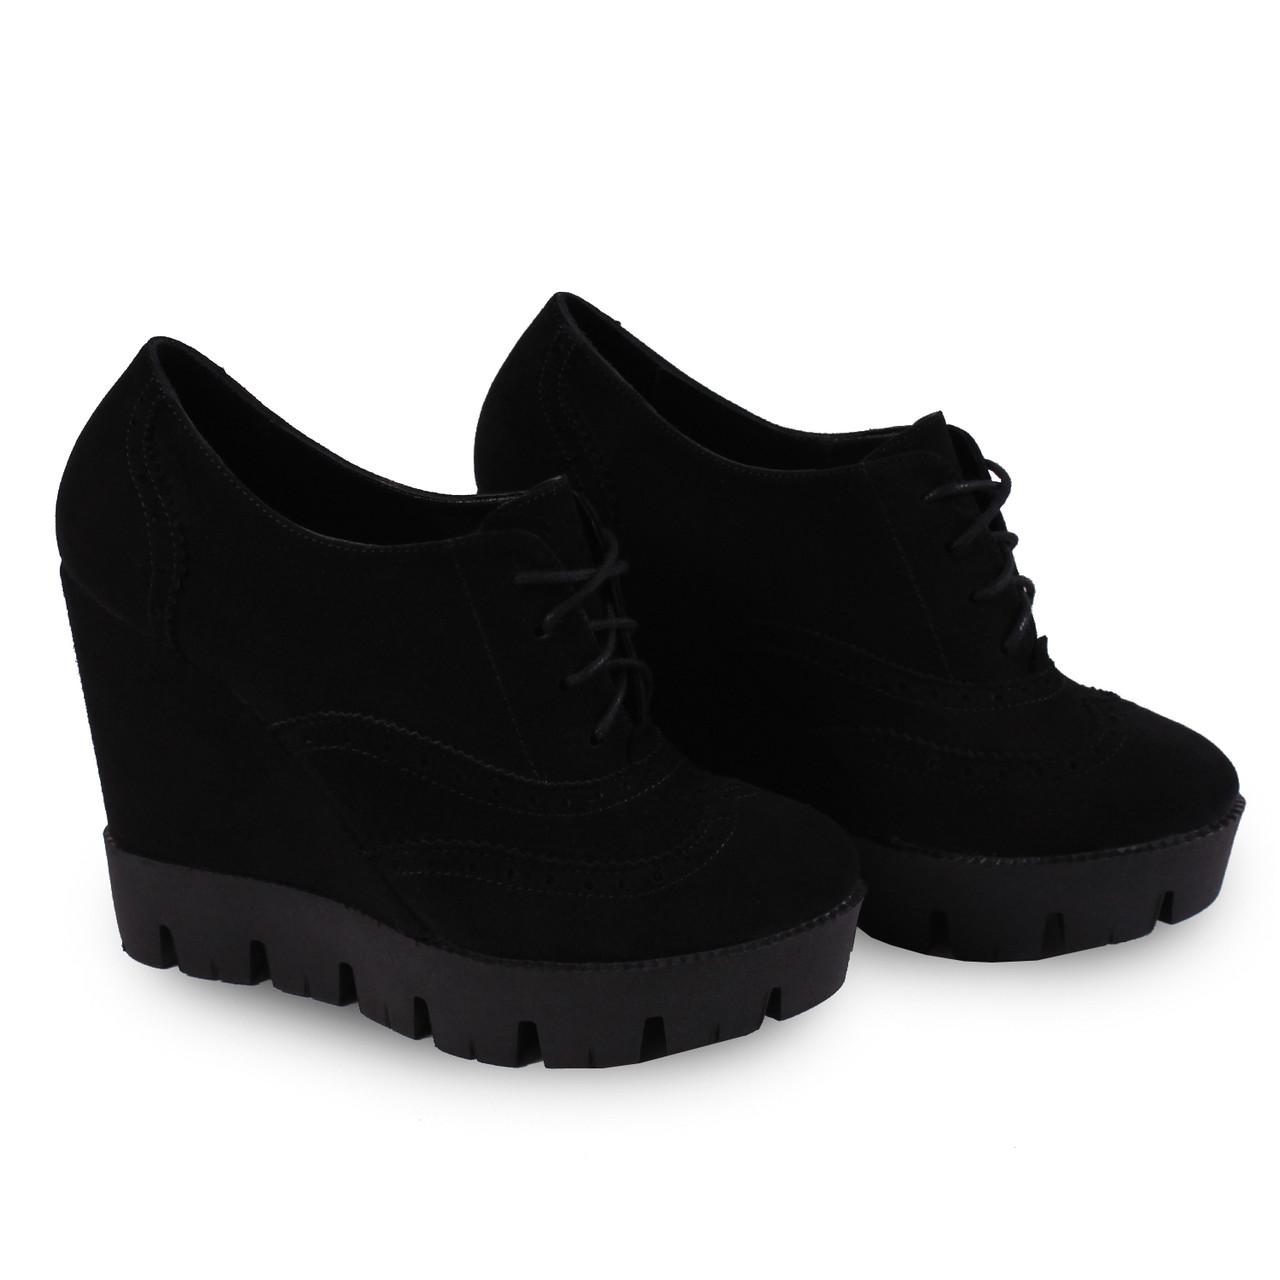 29c7395eb Купить Замшевые туфли на танкетке недорого в интернет магазине обуви ...